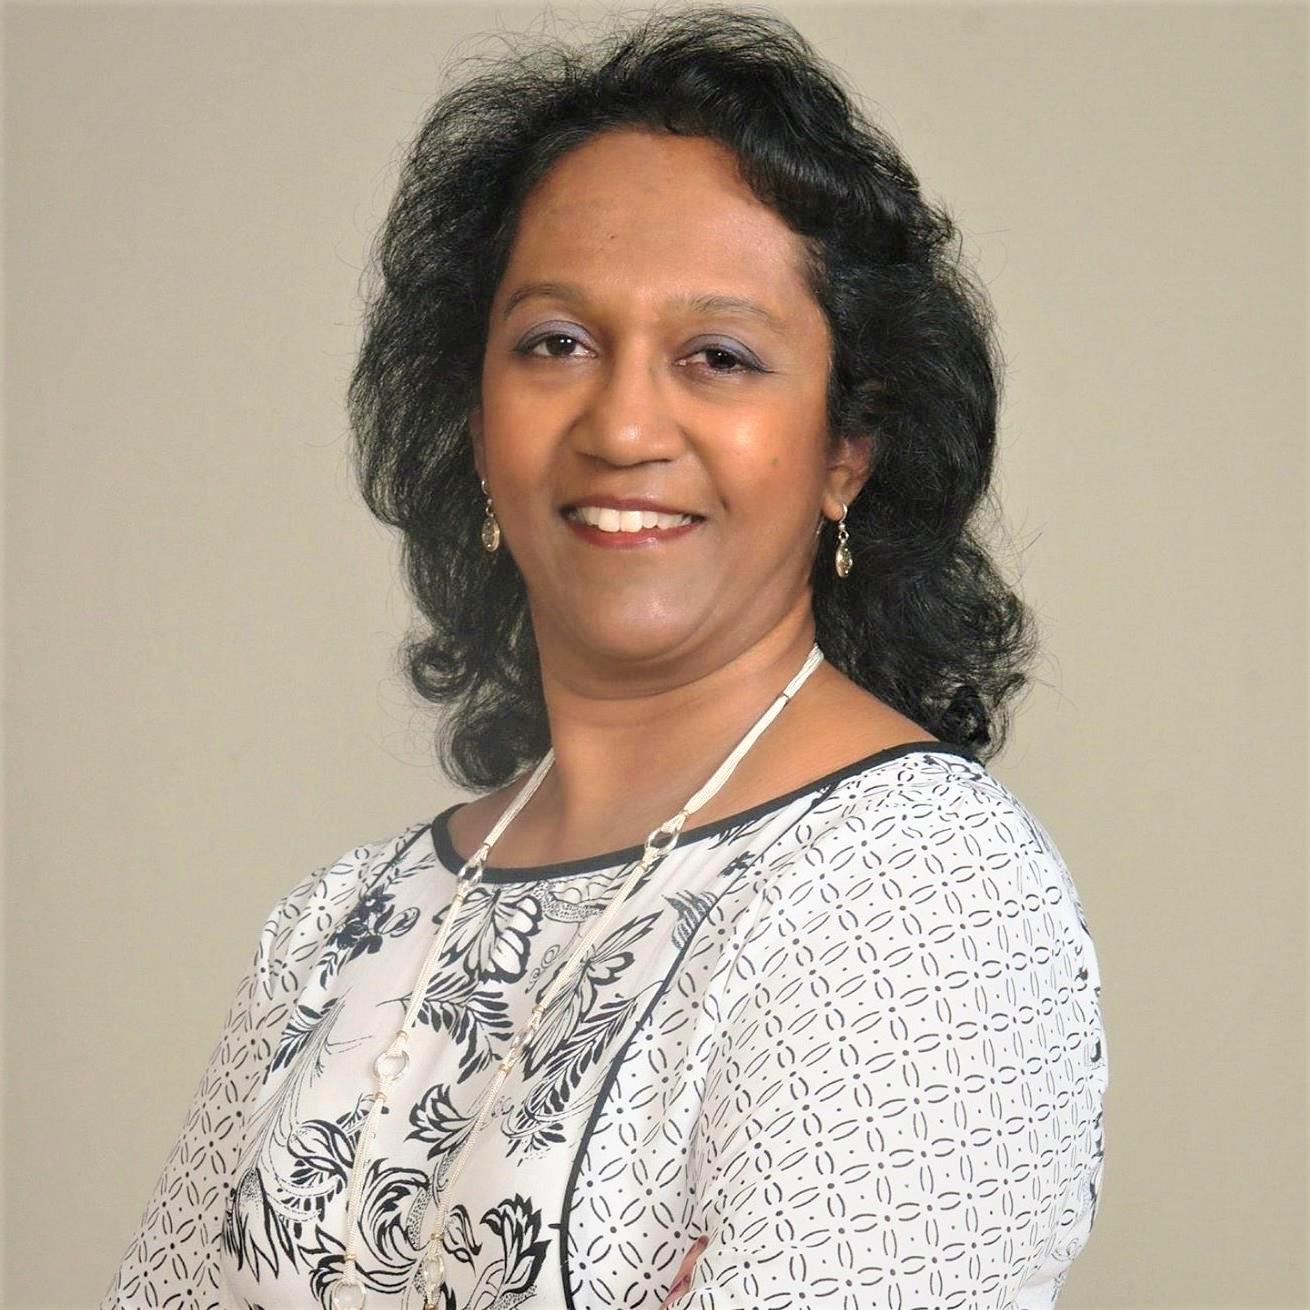 Meera Setty